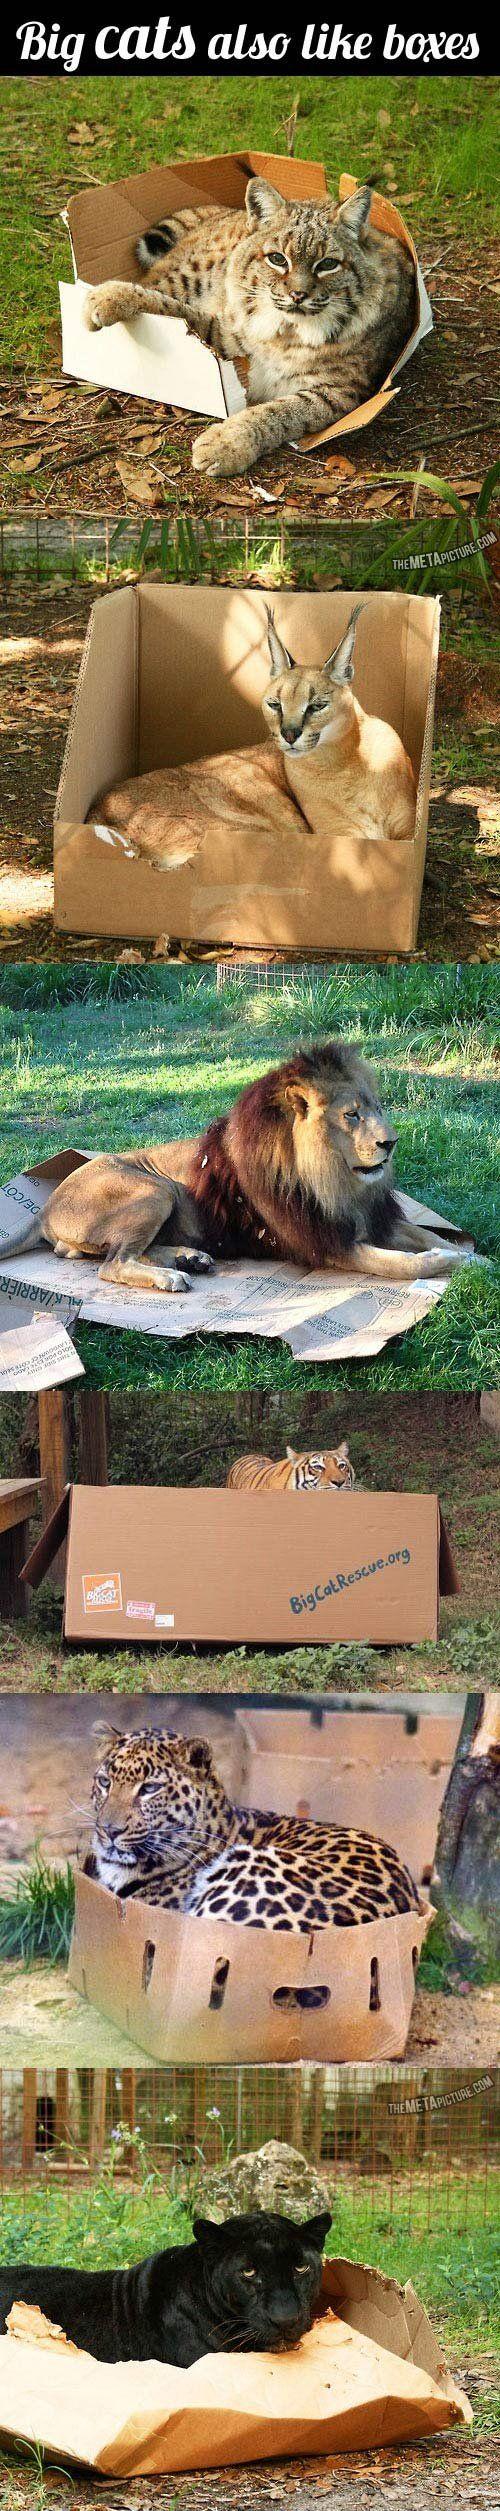 If I fits, I sits: the big cat version…